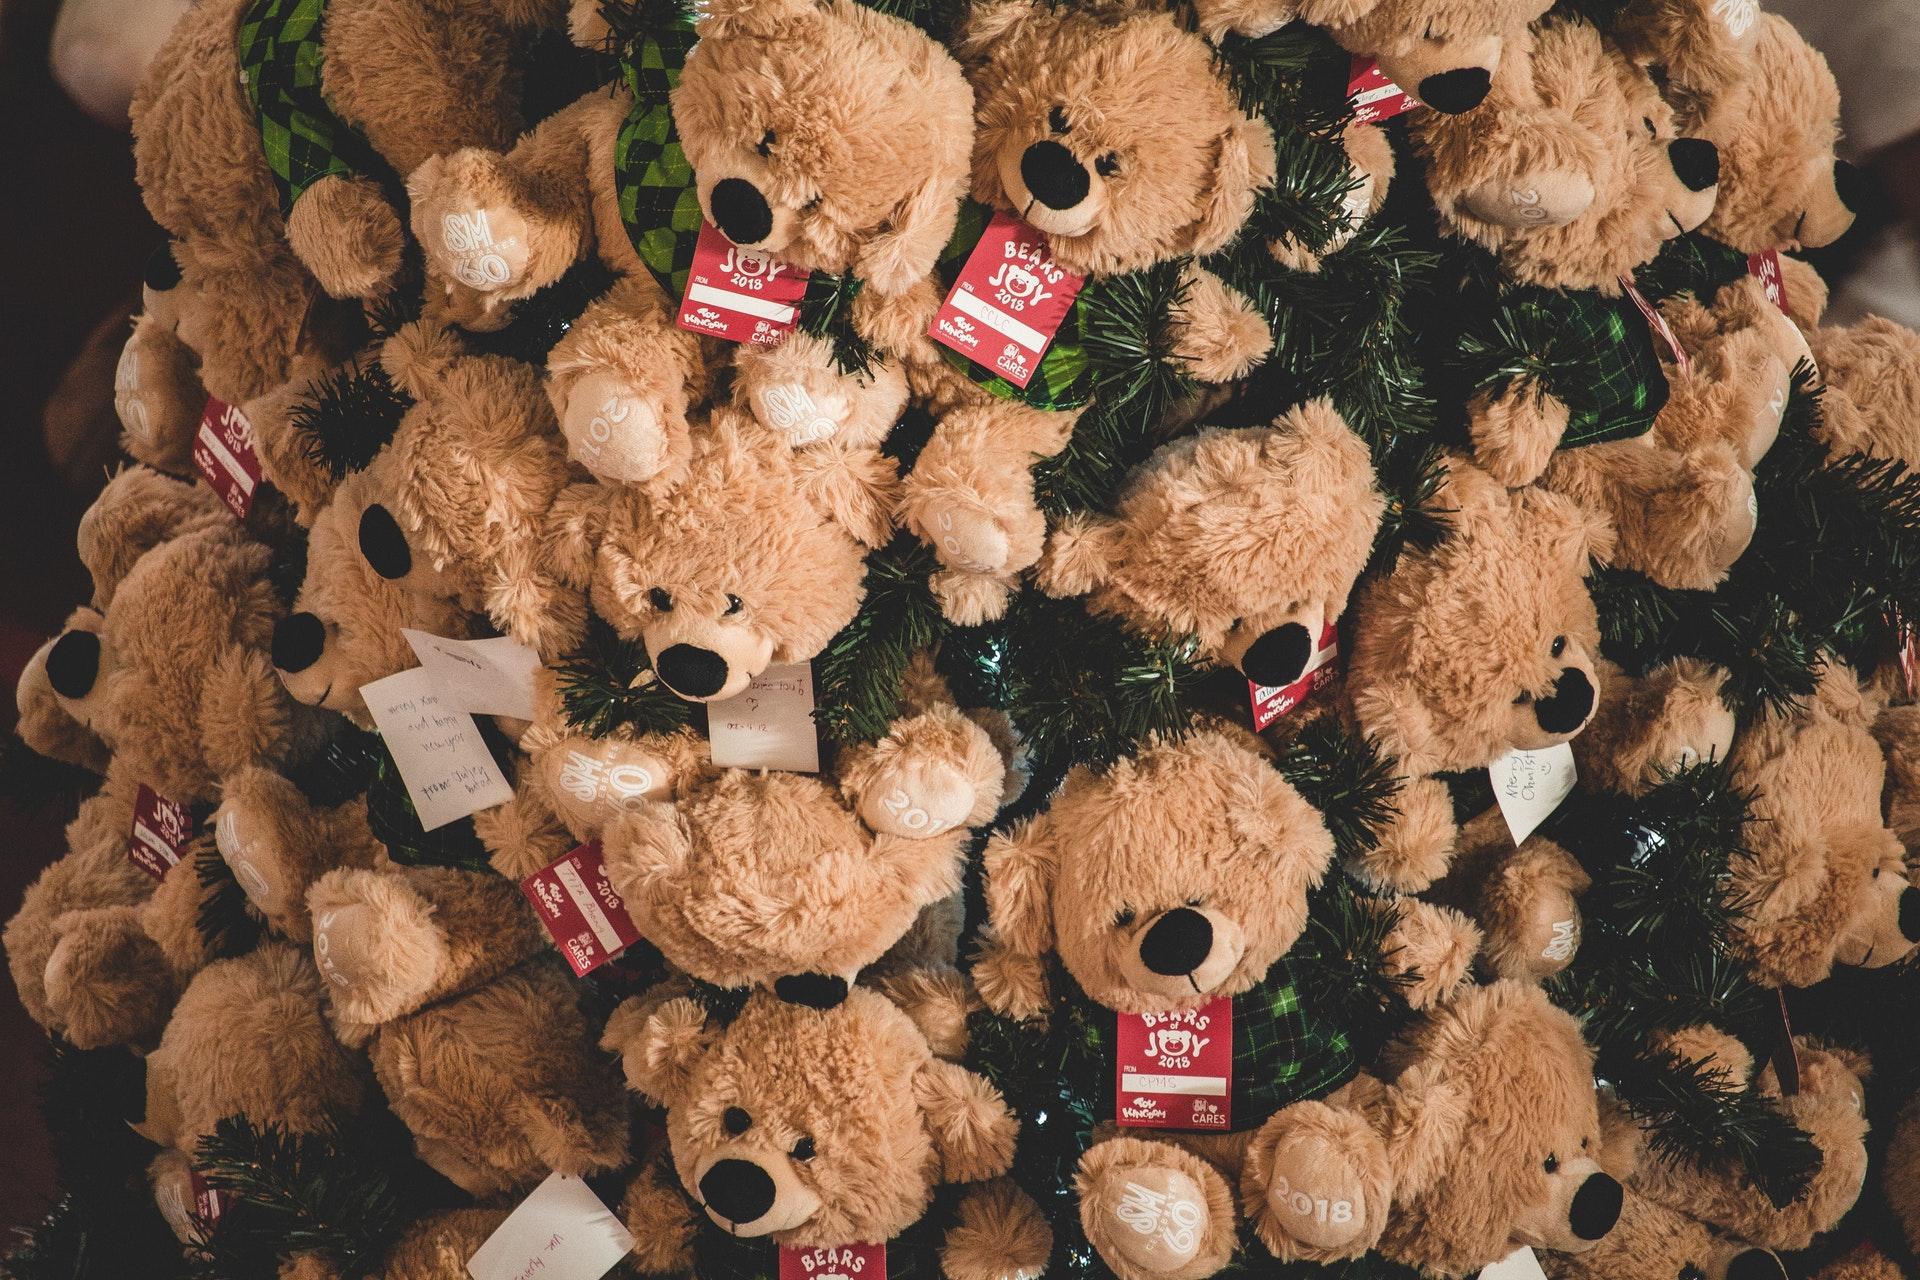 Vemos uma árvore cheia de ursos de pelúcia pendurados (imagem ilustrativa).